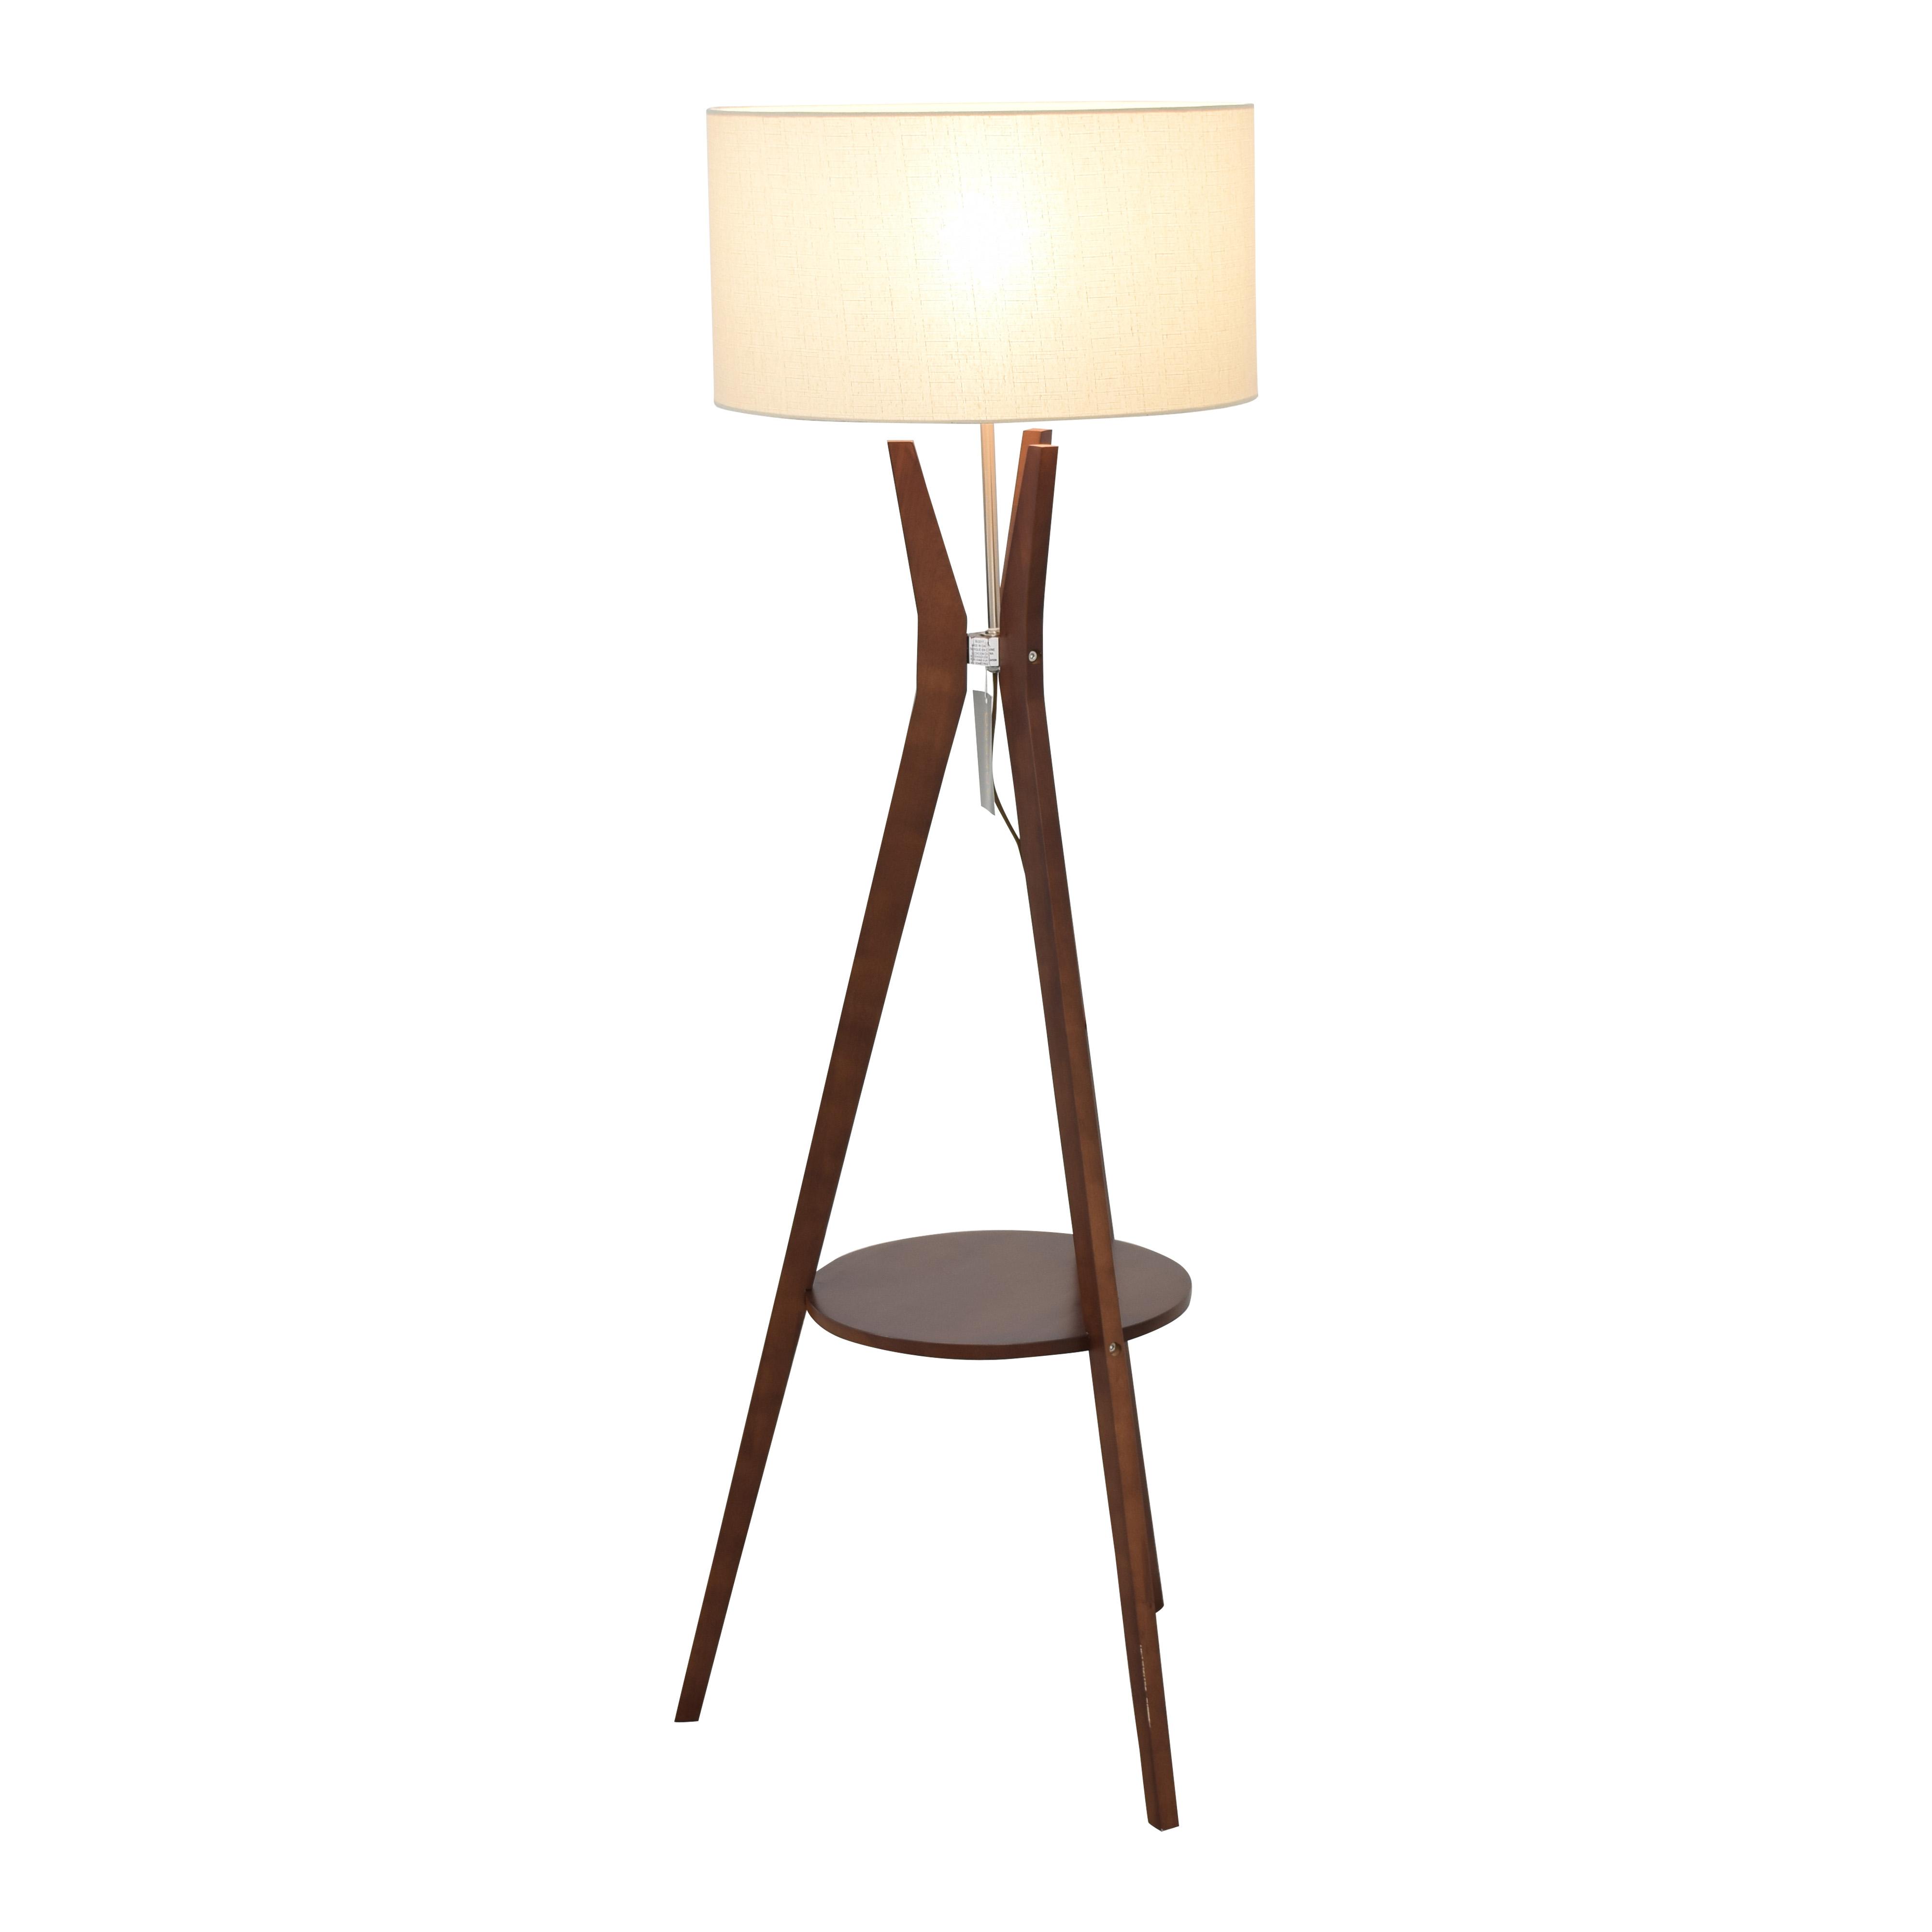 buy Adesso Adesso Bedford Tripod Lamp online